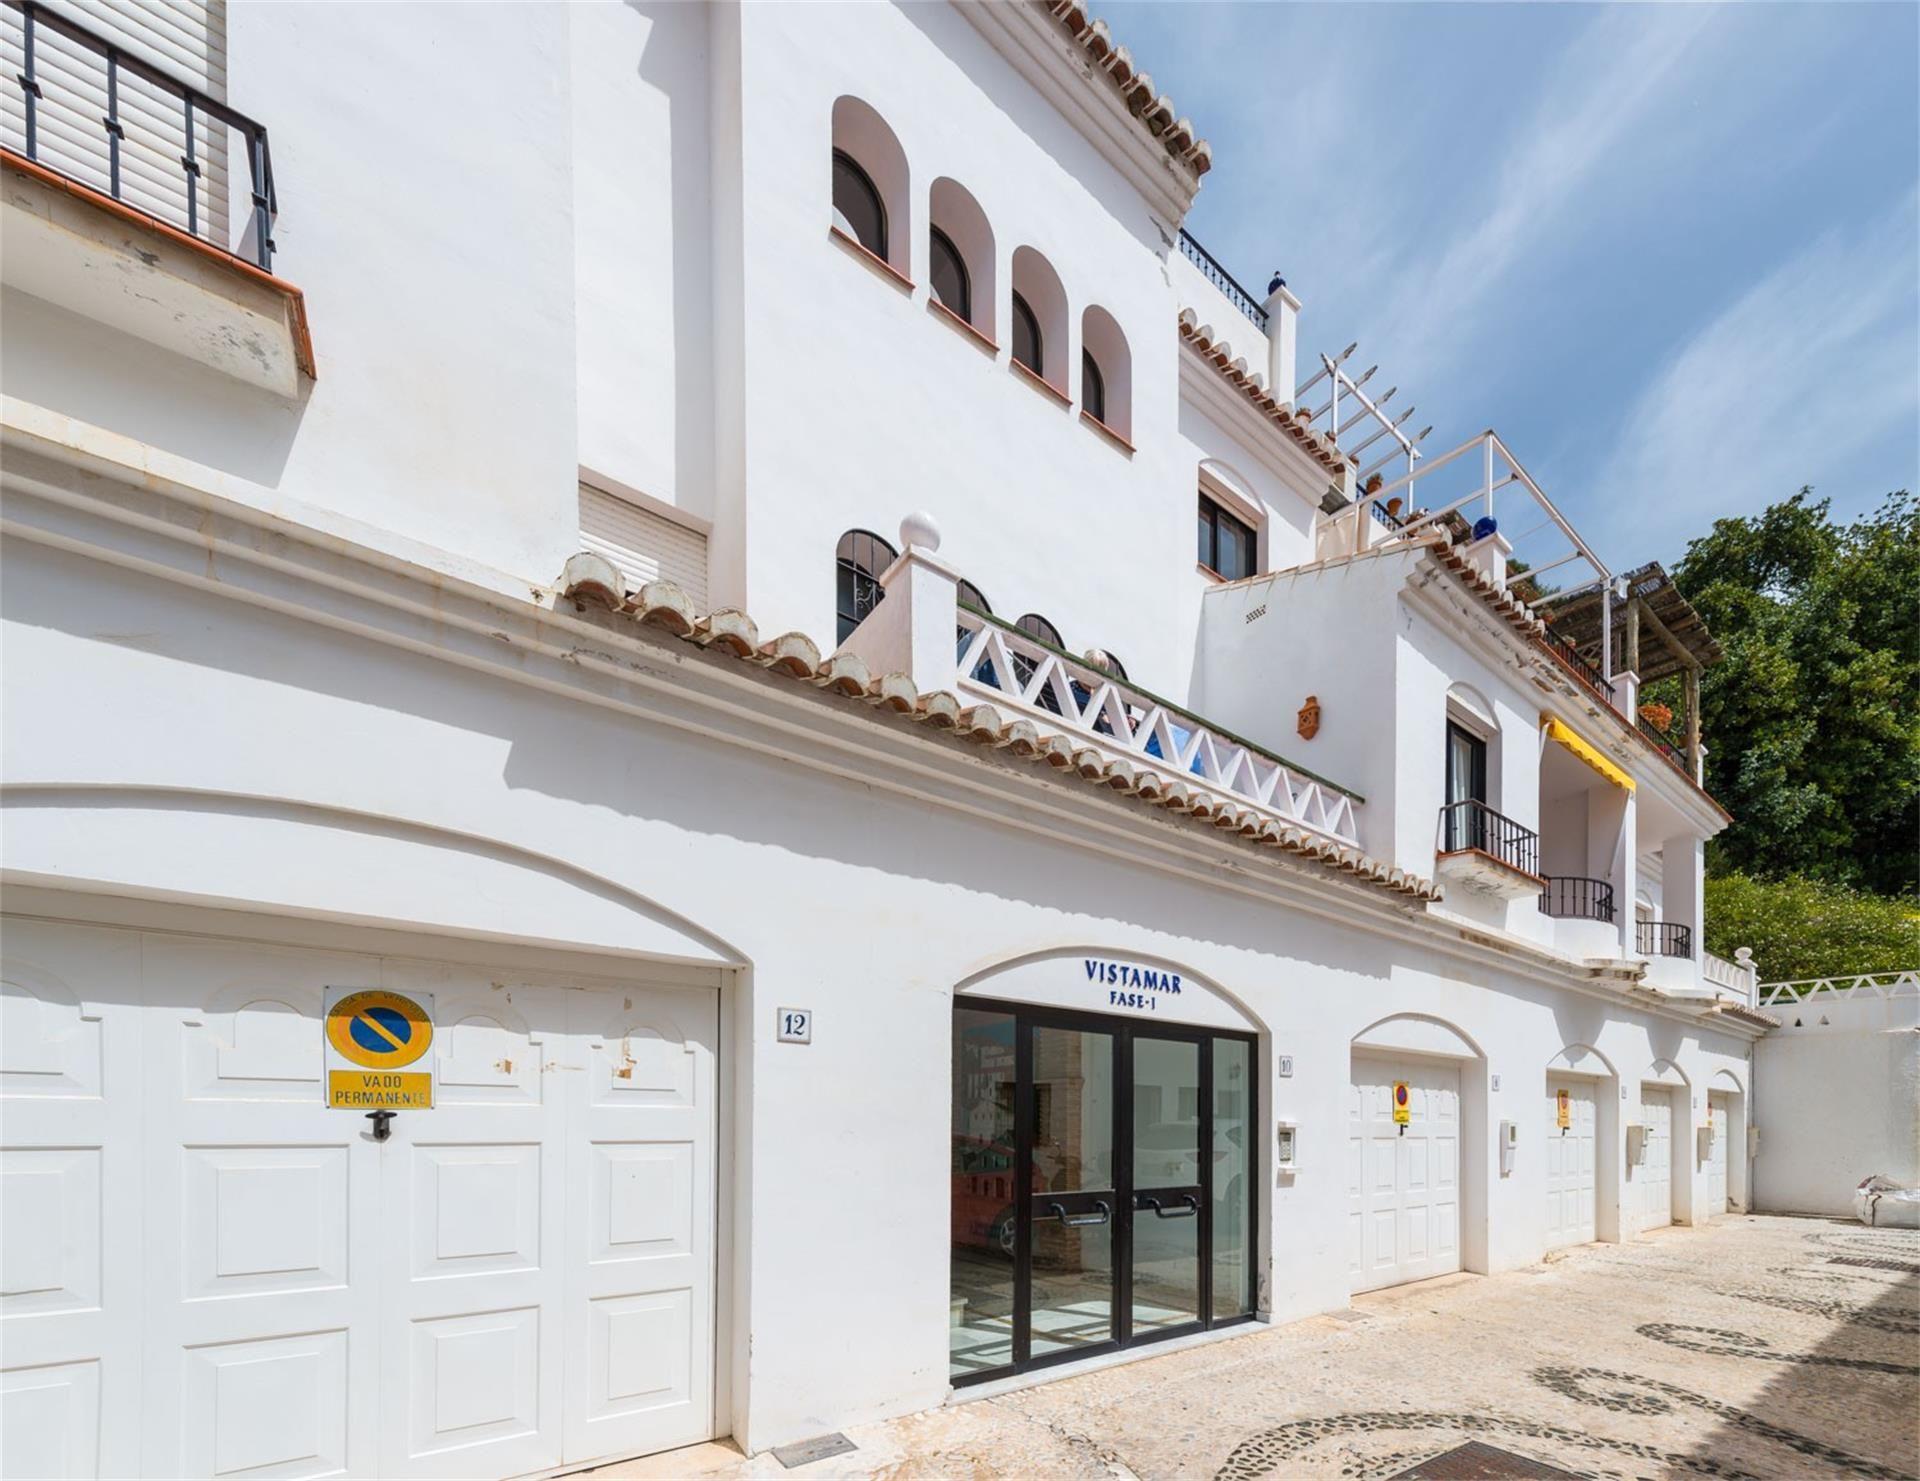 Piso de alquiler en Calle D. Luis de Requesens, Frigiliana (Frigiliana, Málaga)